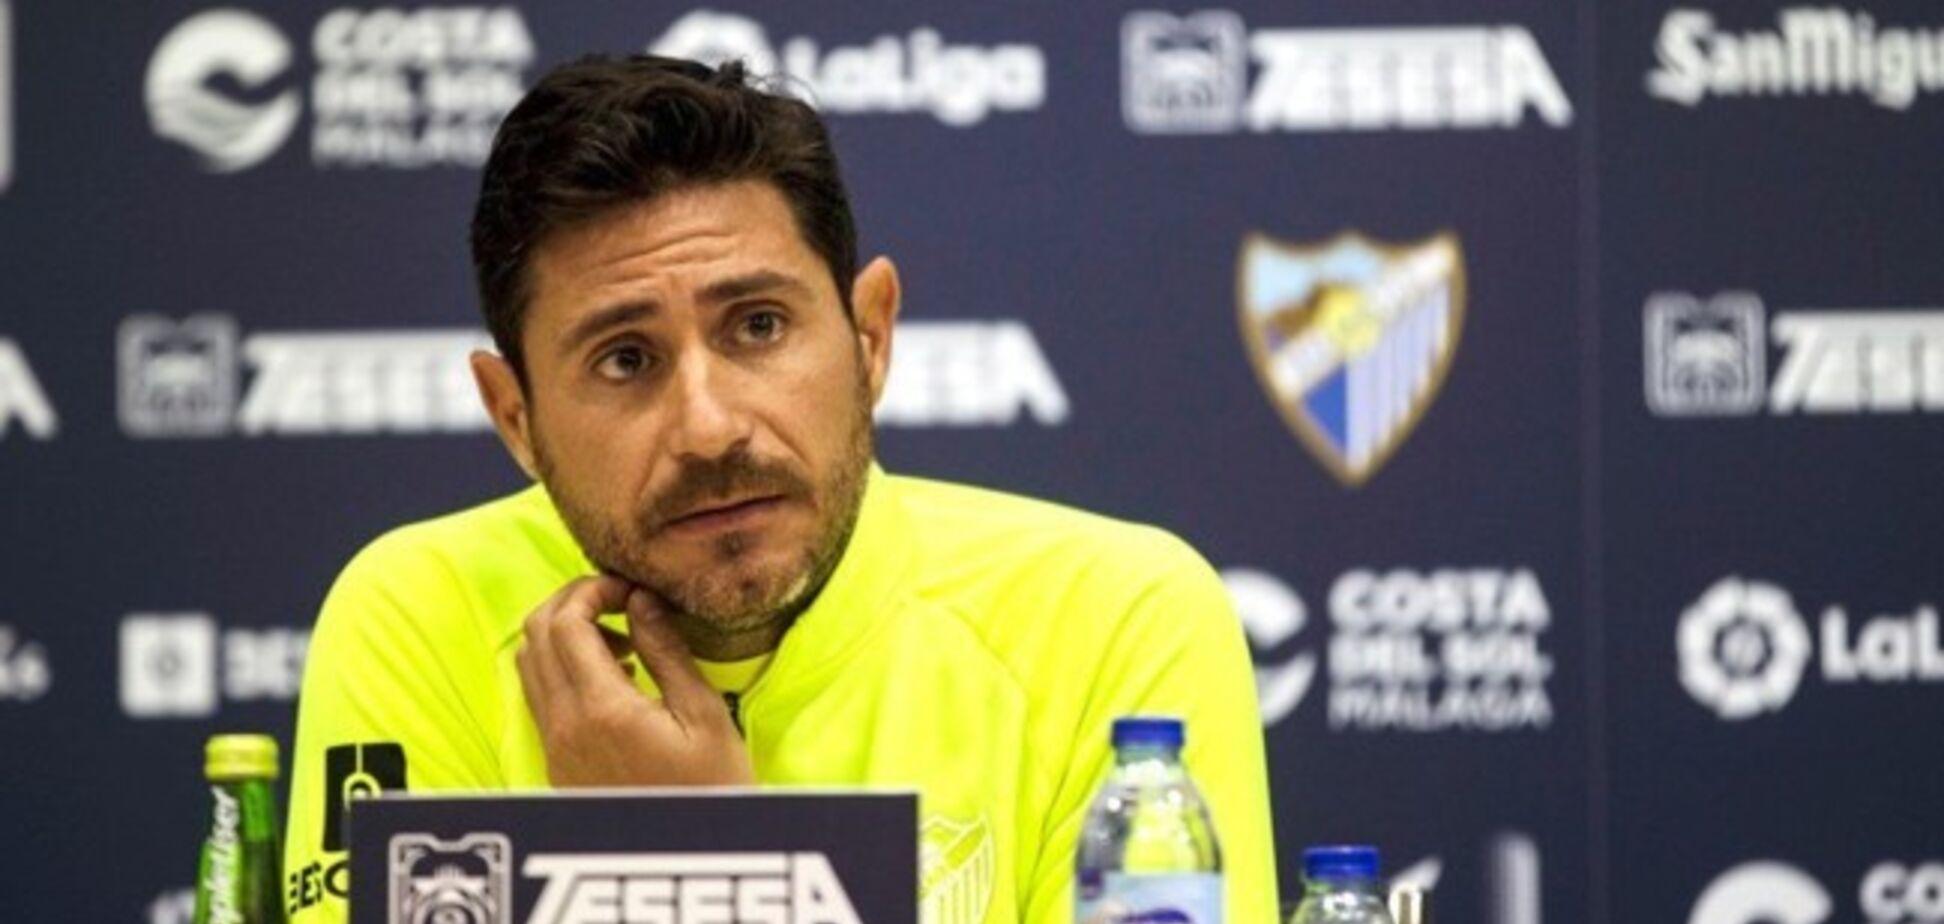 Колишній тренер 'Малаги' Віктор Санчес дель Амо